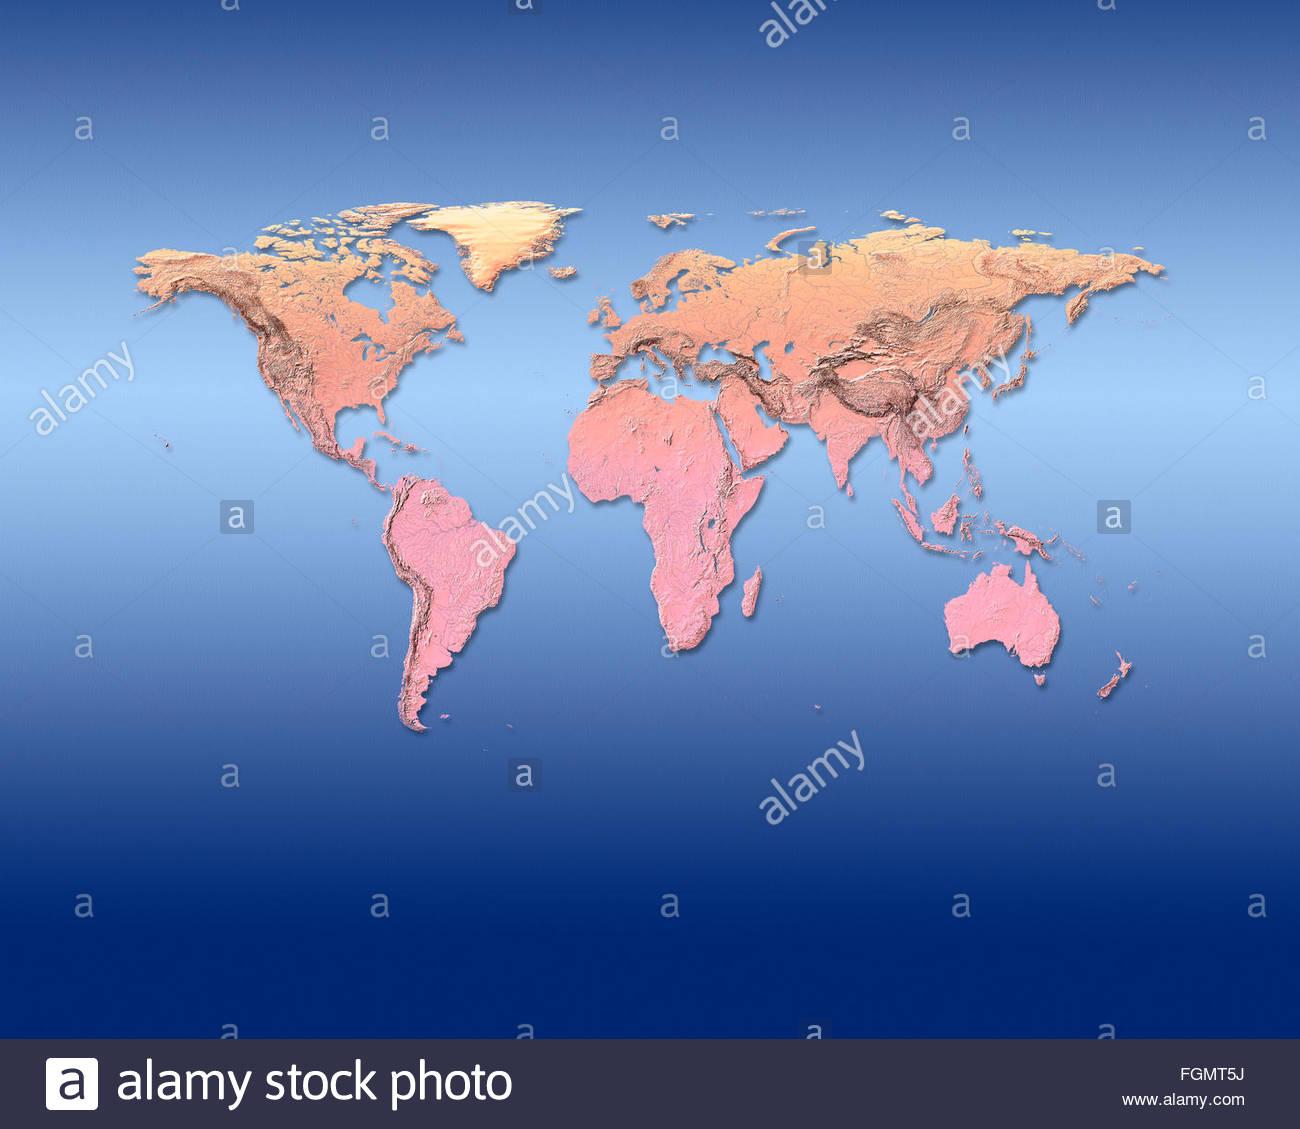 Carte du monde la mondialisation dans le monde de la cartographie mondiale des cartes de géographie de la terre, Photo Stock